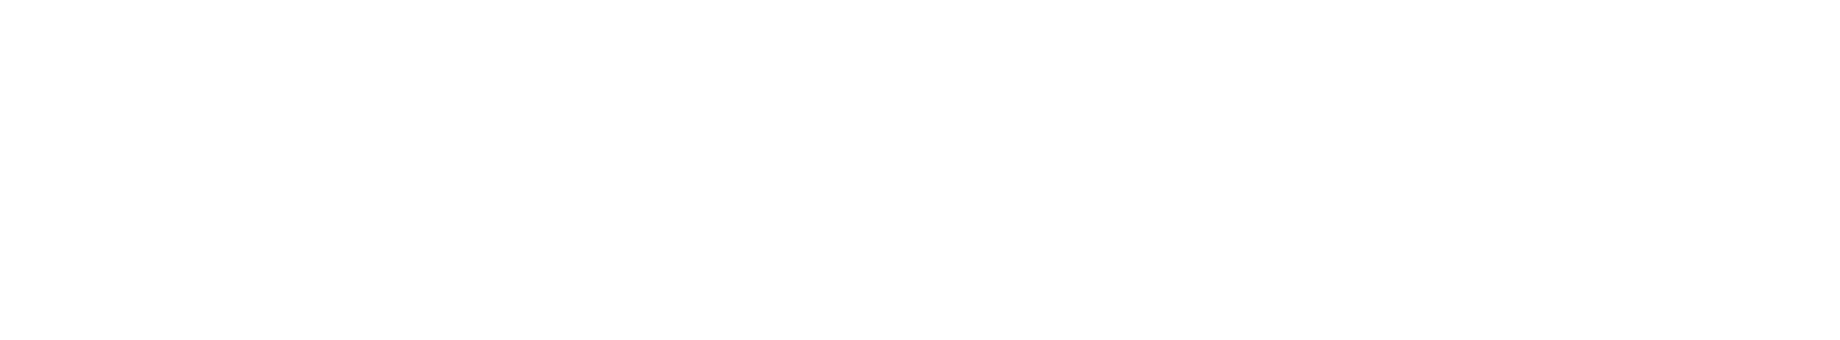 Institutul de Politici Publice, Administrație și Științele Educației